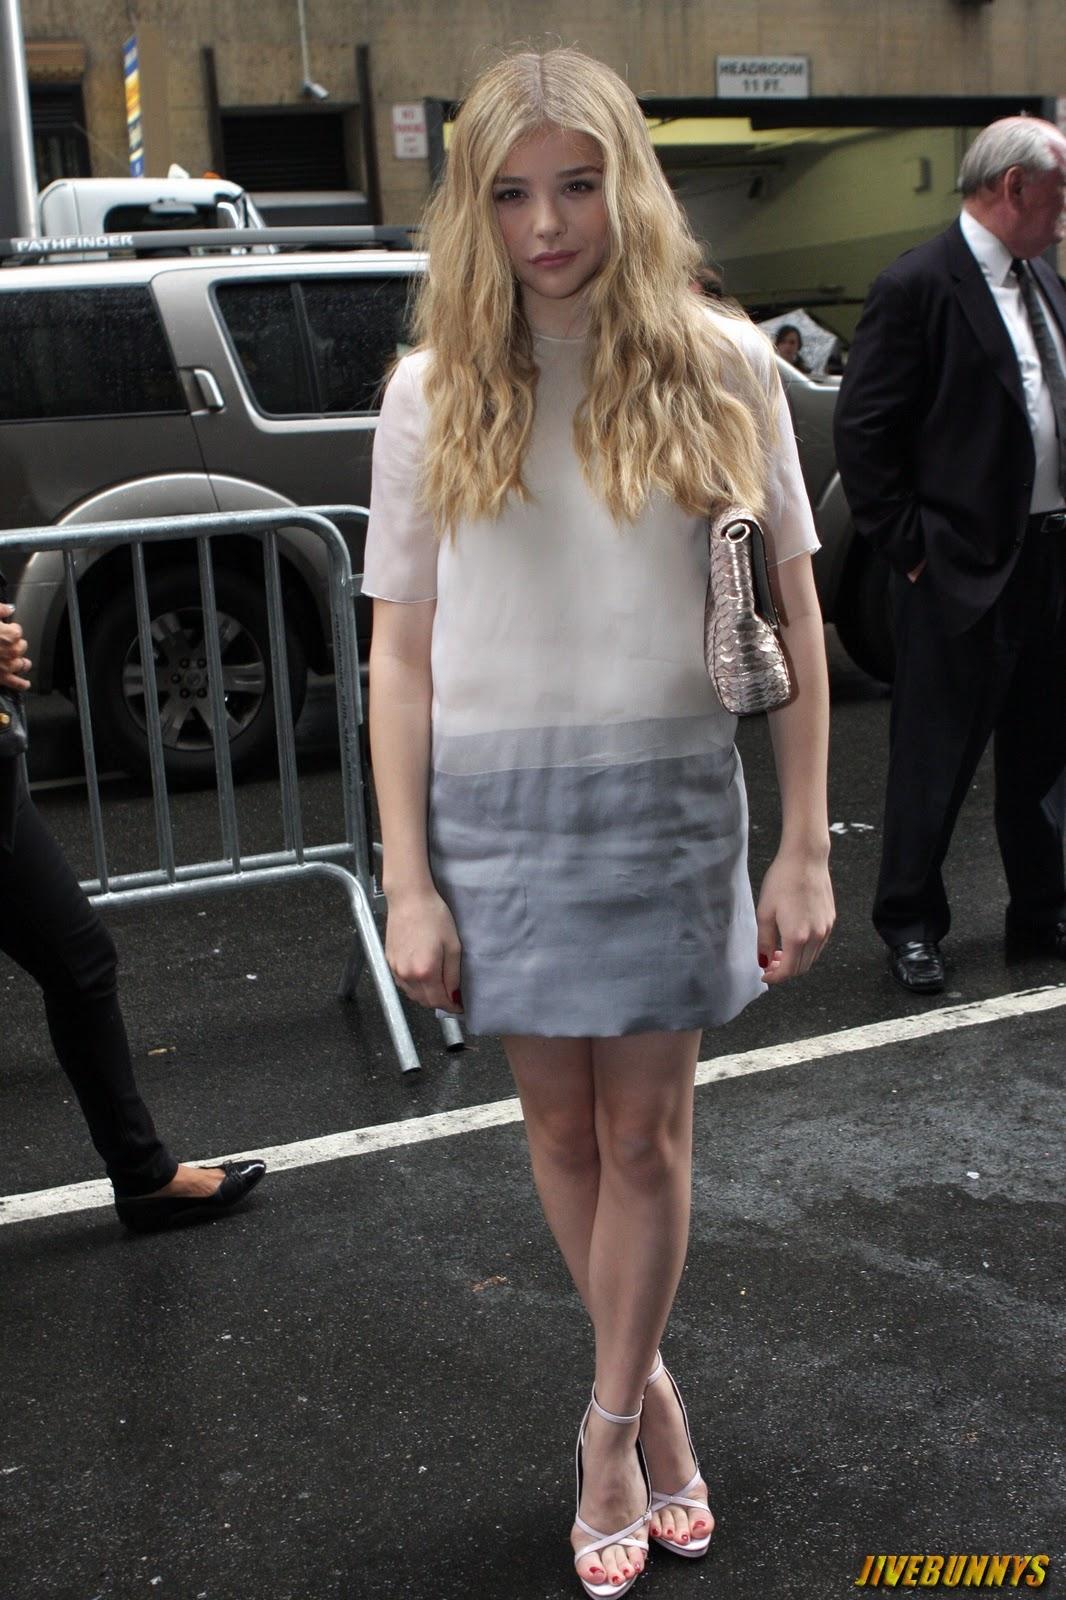 Chloe Grace Moretz Special Pictures 22 Film Actresses